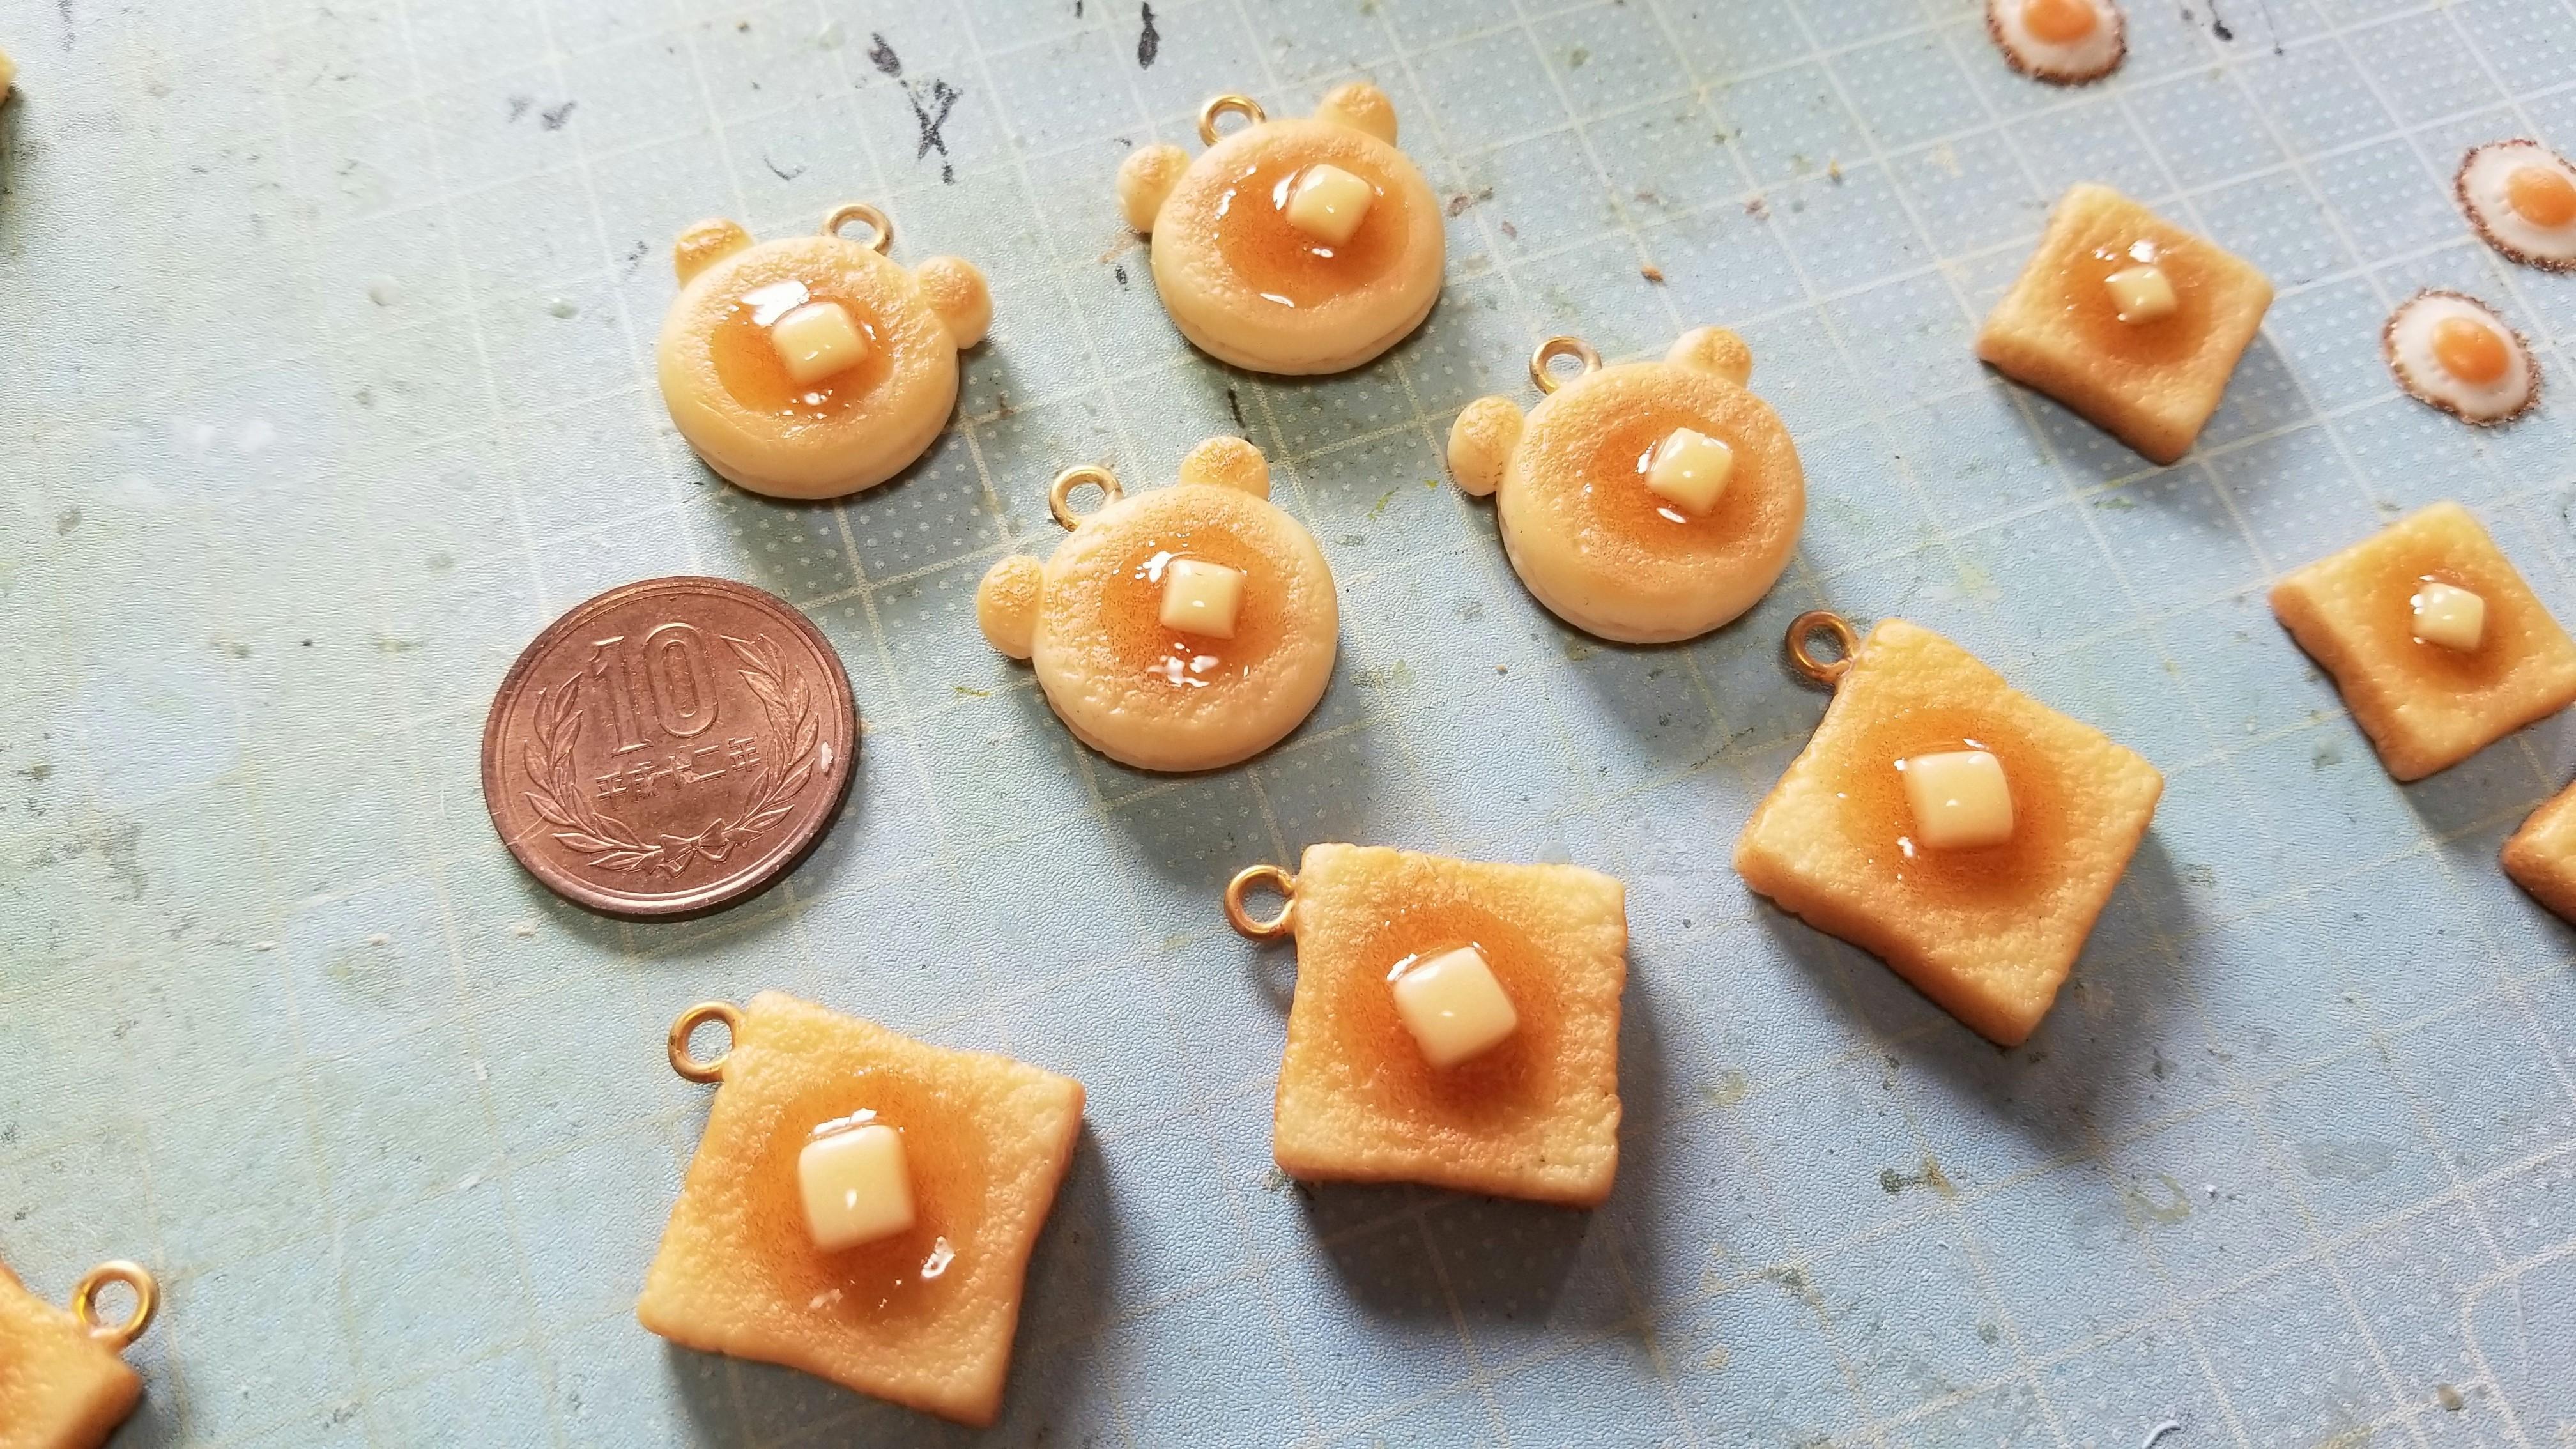 終ミニチュアフードハンドメイドかわいい小物パン手作り仕事フェイク